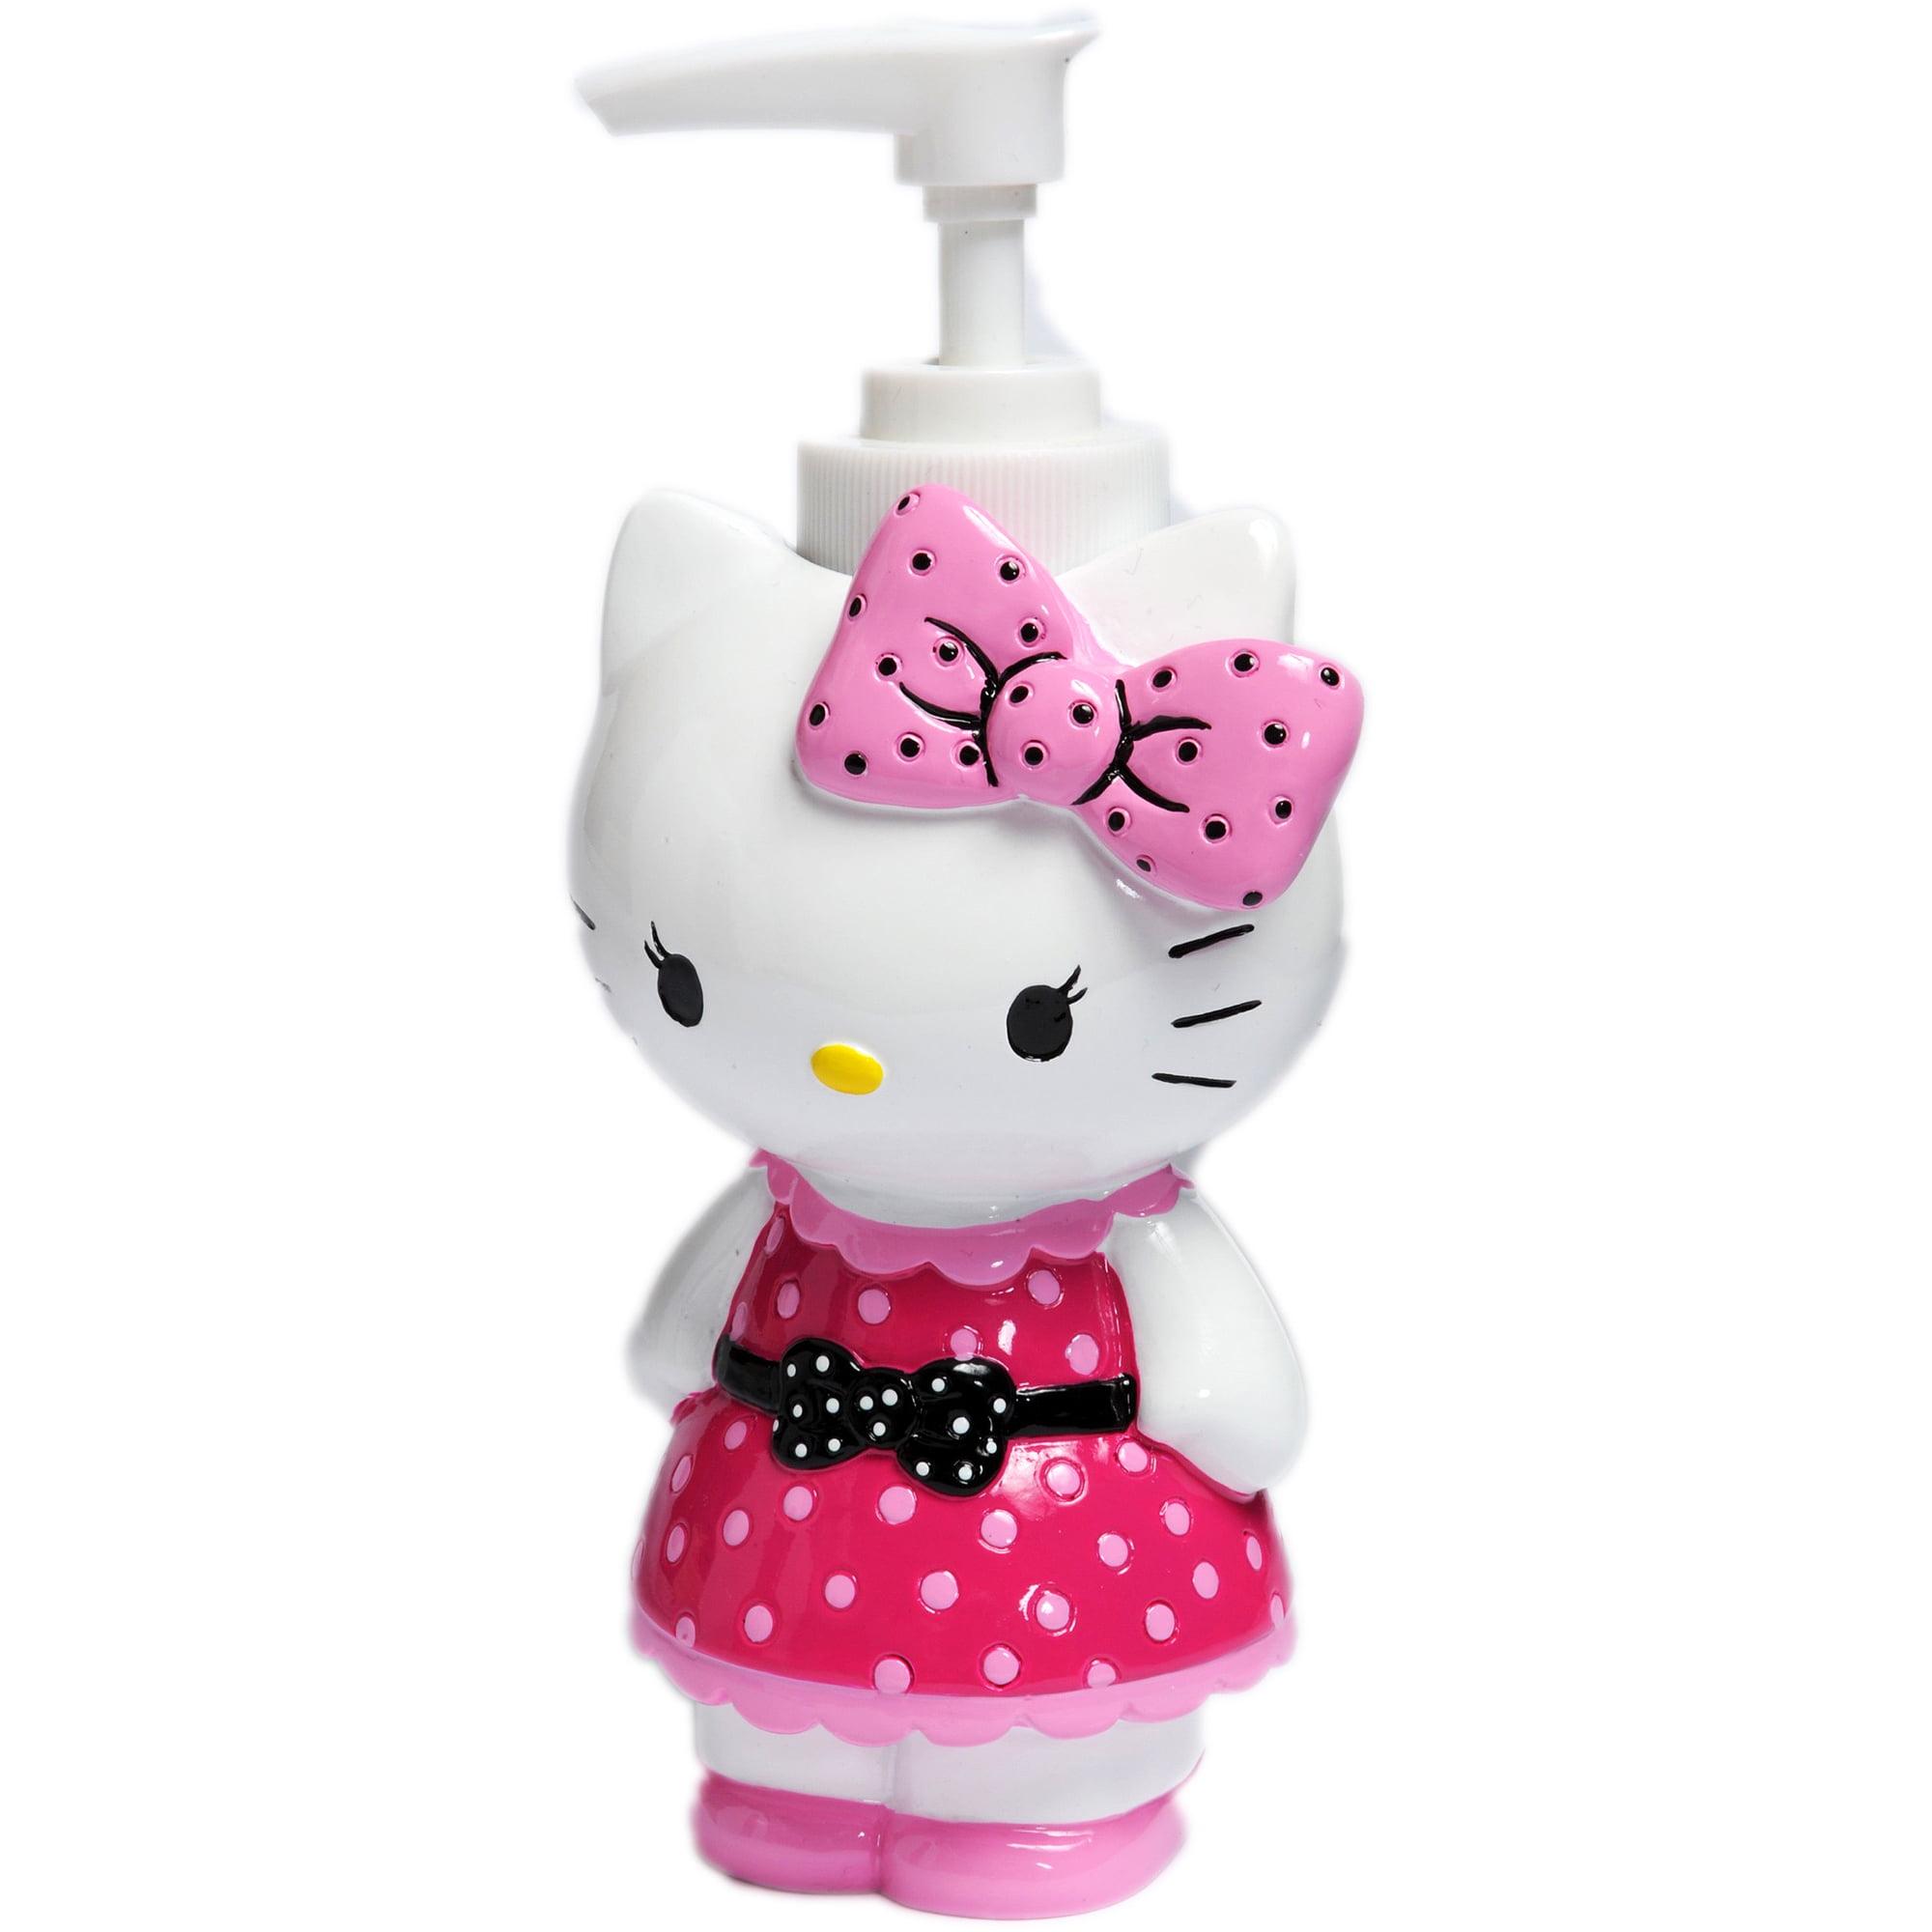 Hello kitty bathroom accessories - Hello Kitty Bathroom Accessories 6